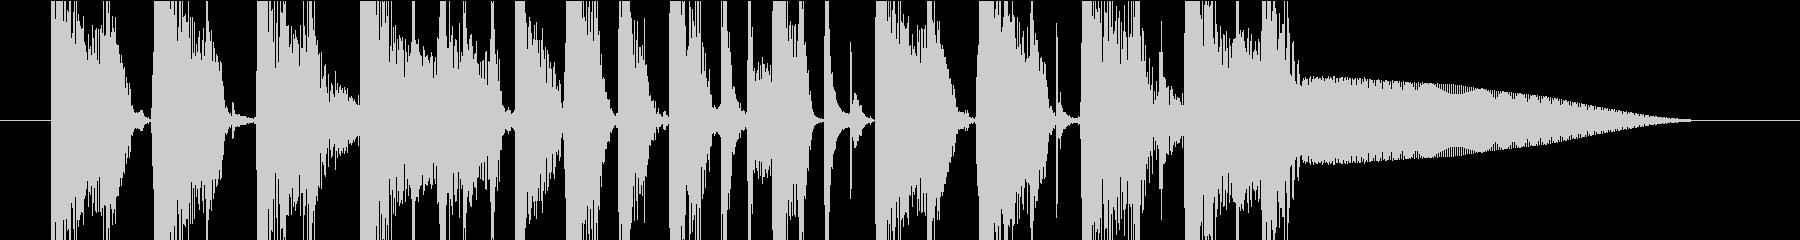 ジングル(ダンス3)の未再生の波形